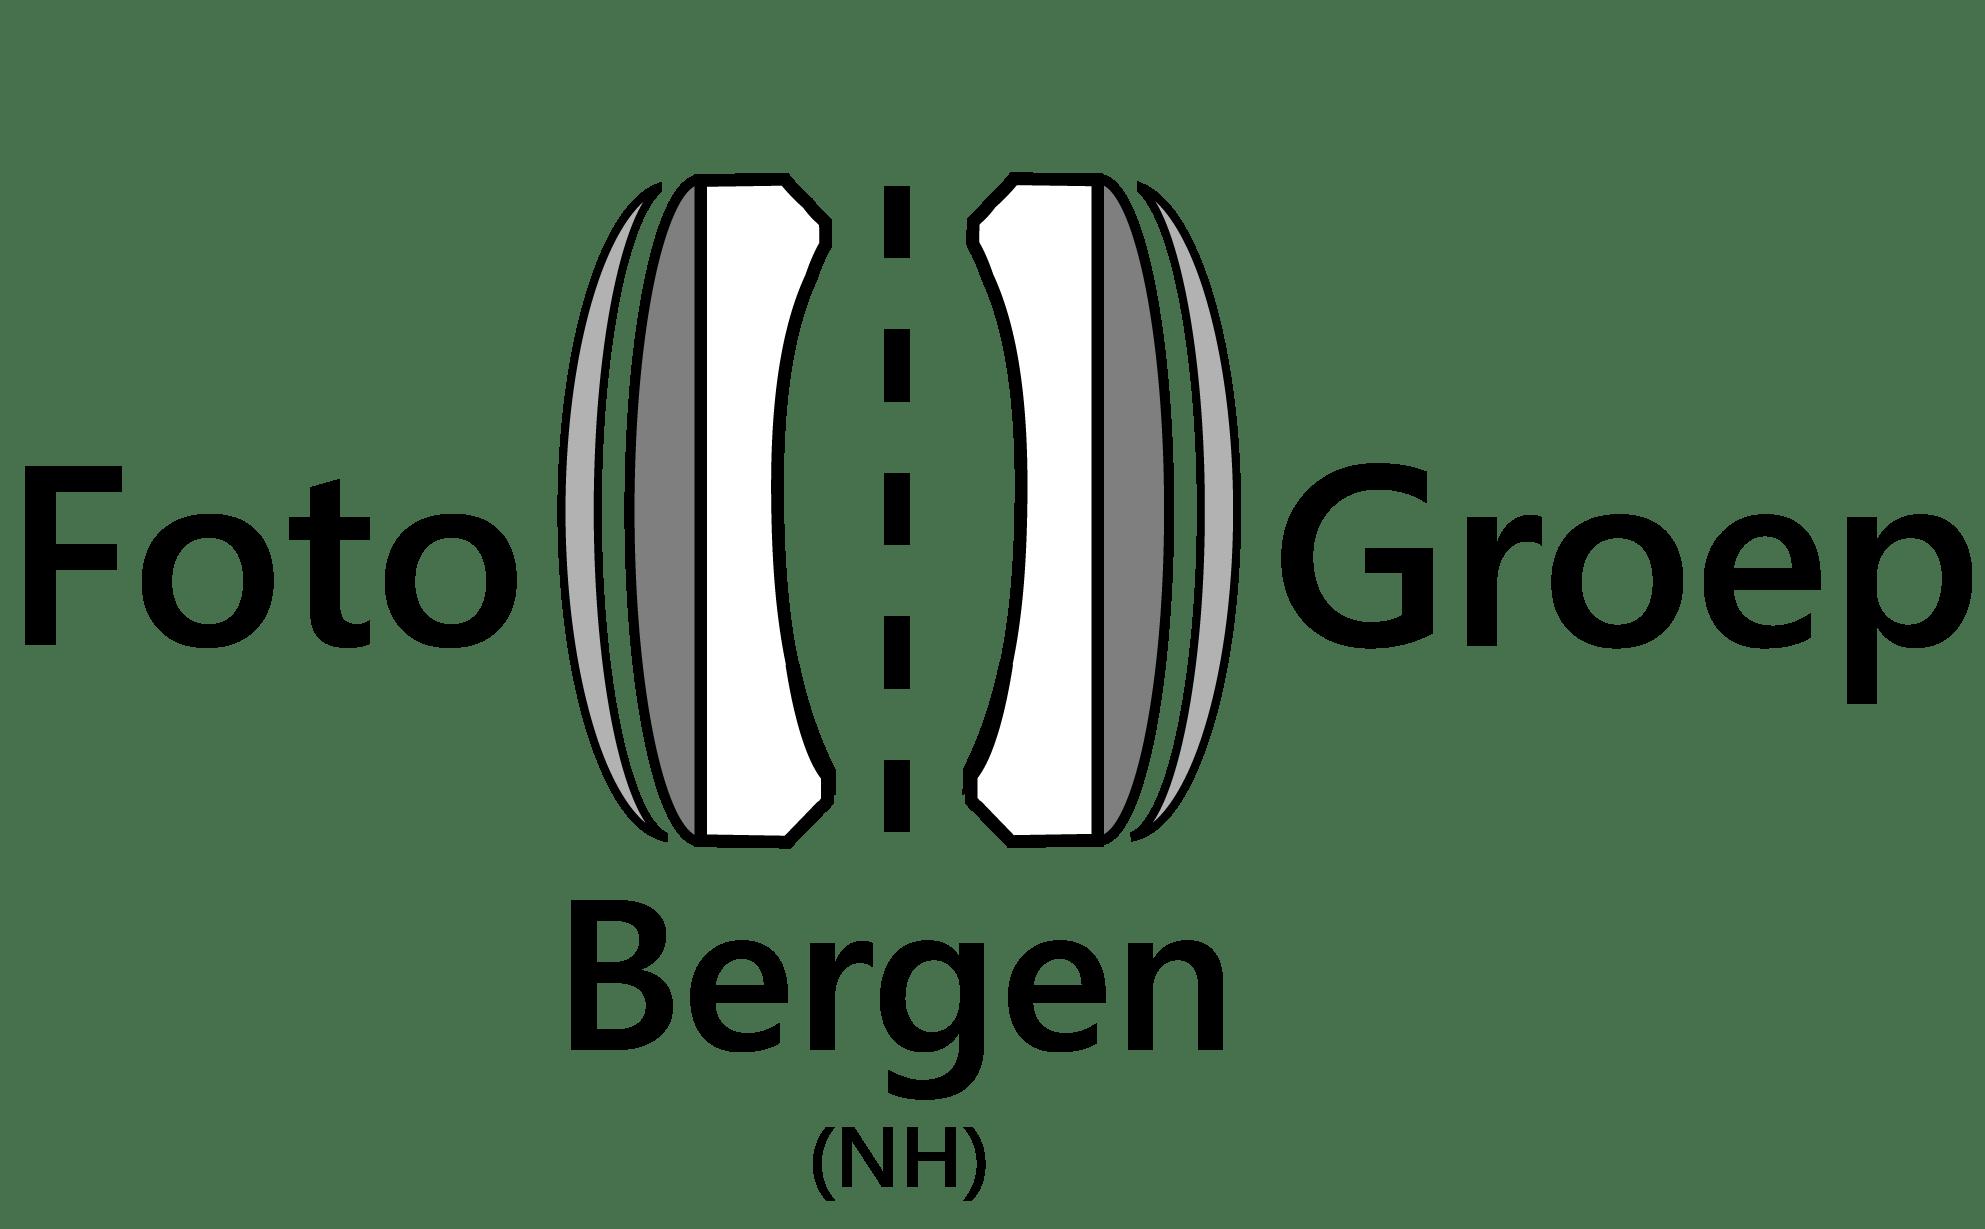 Fotogroep Bergen